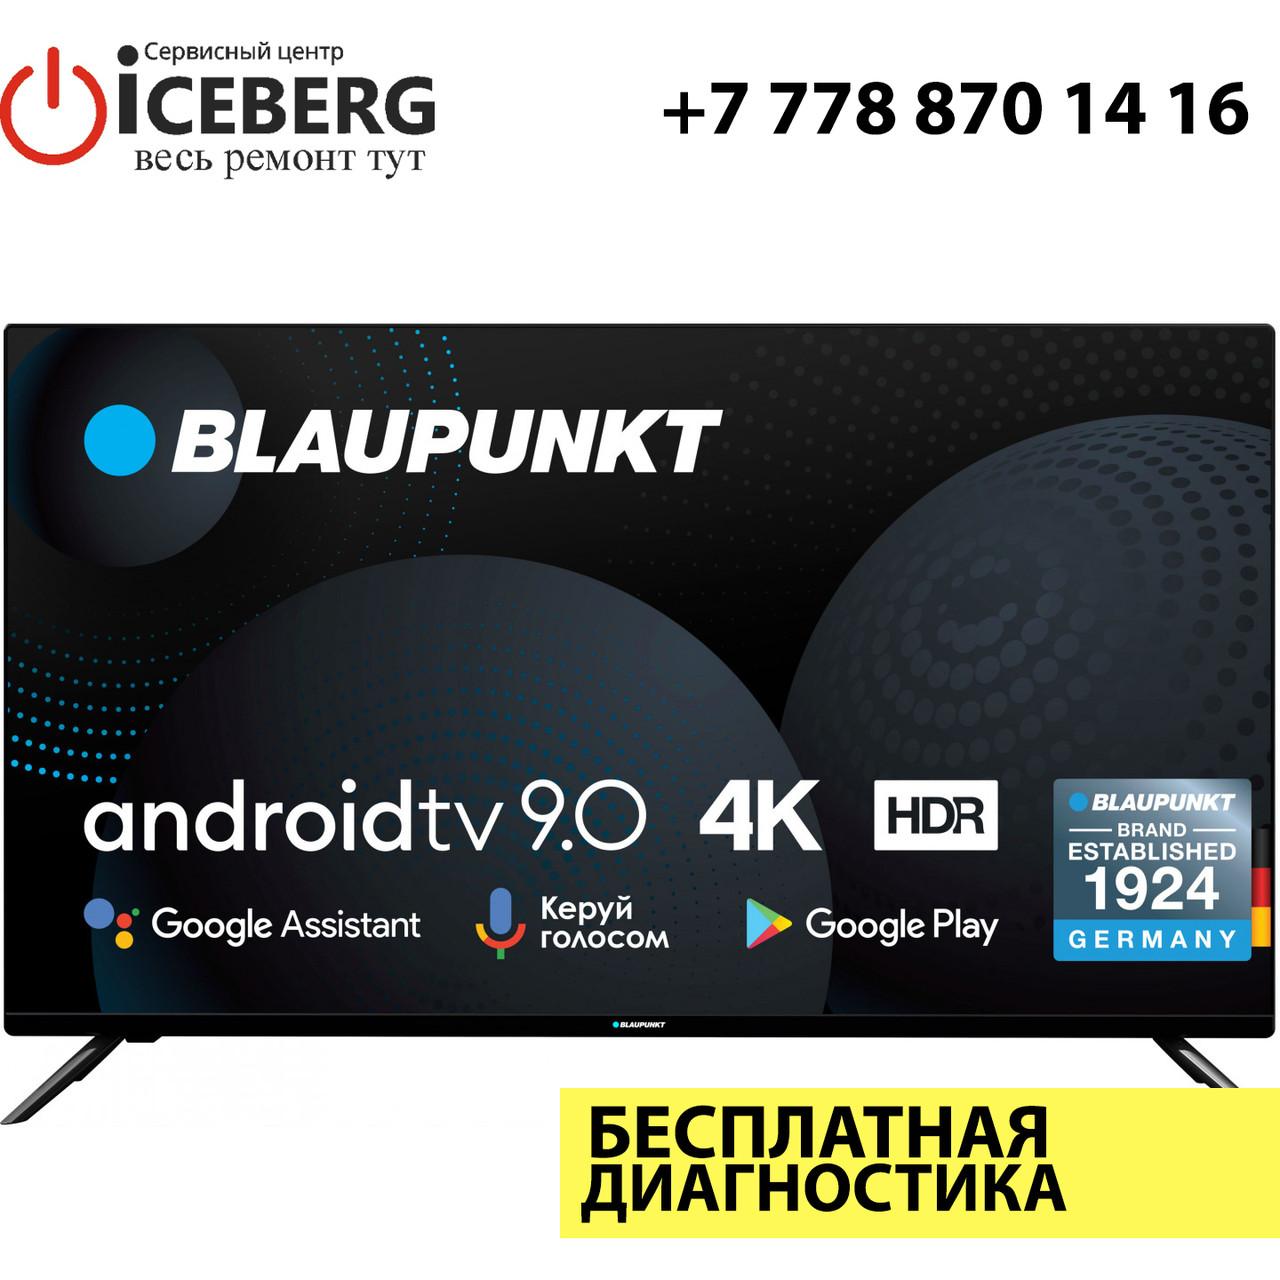 Ремонт телевизоров Blaupunkt